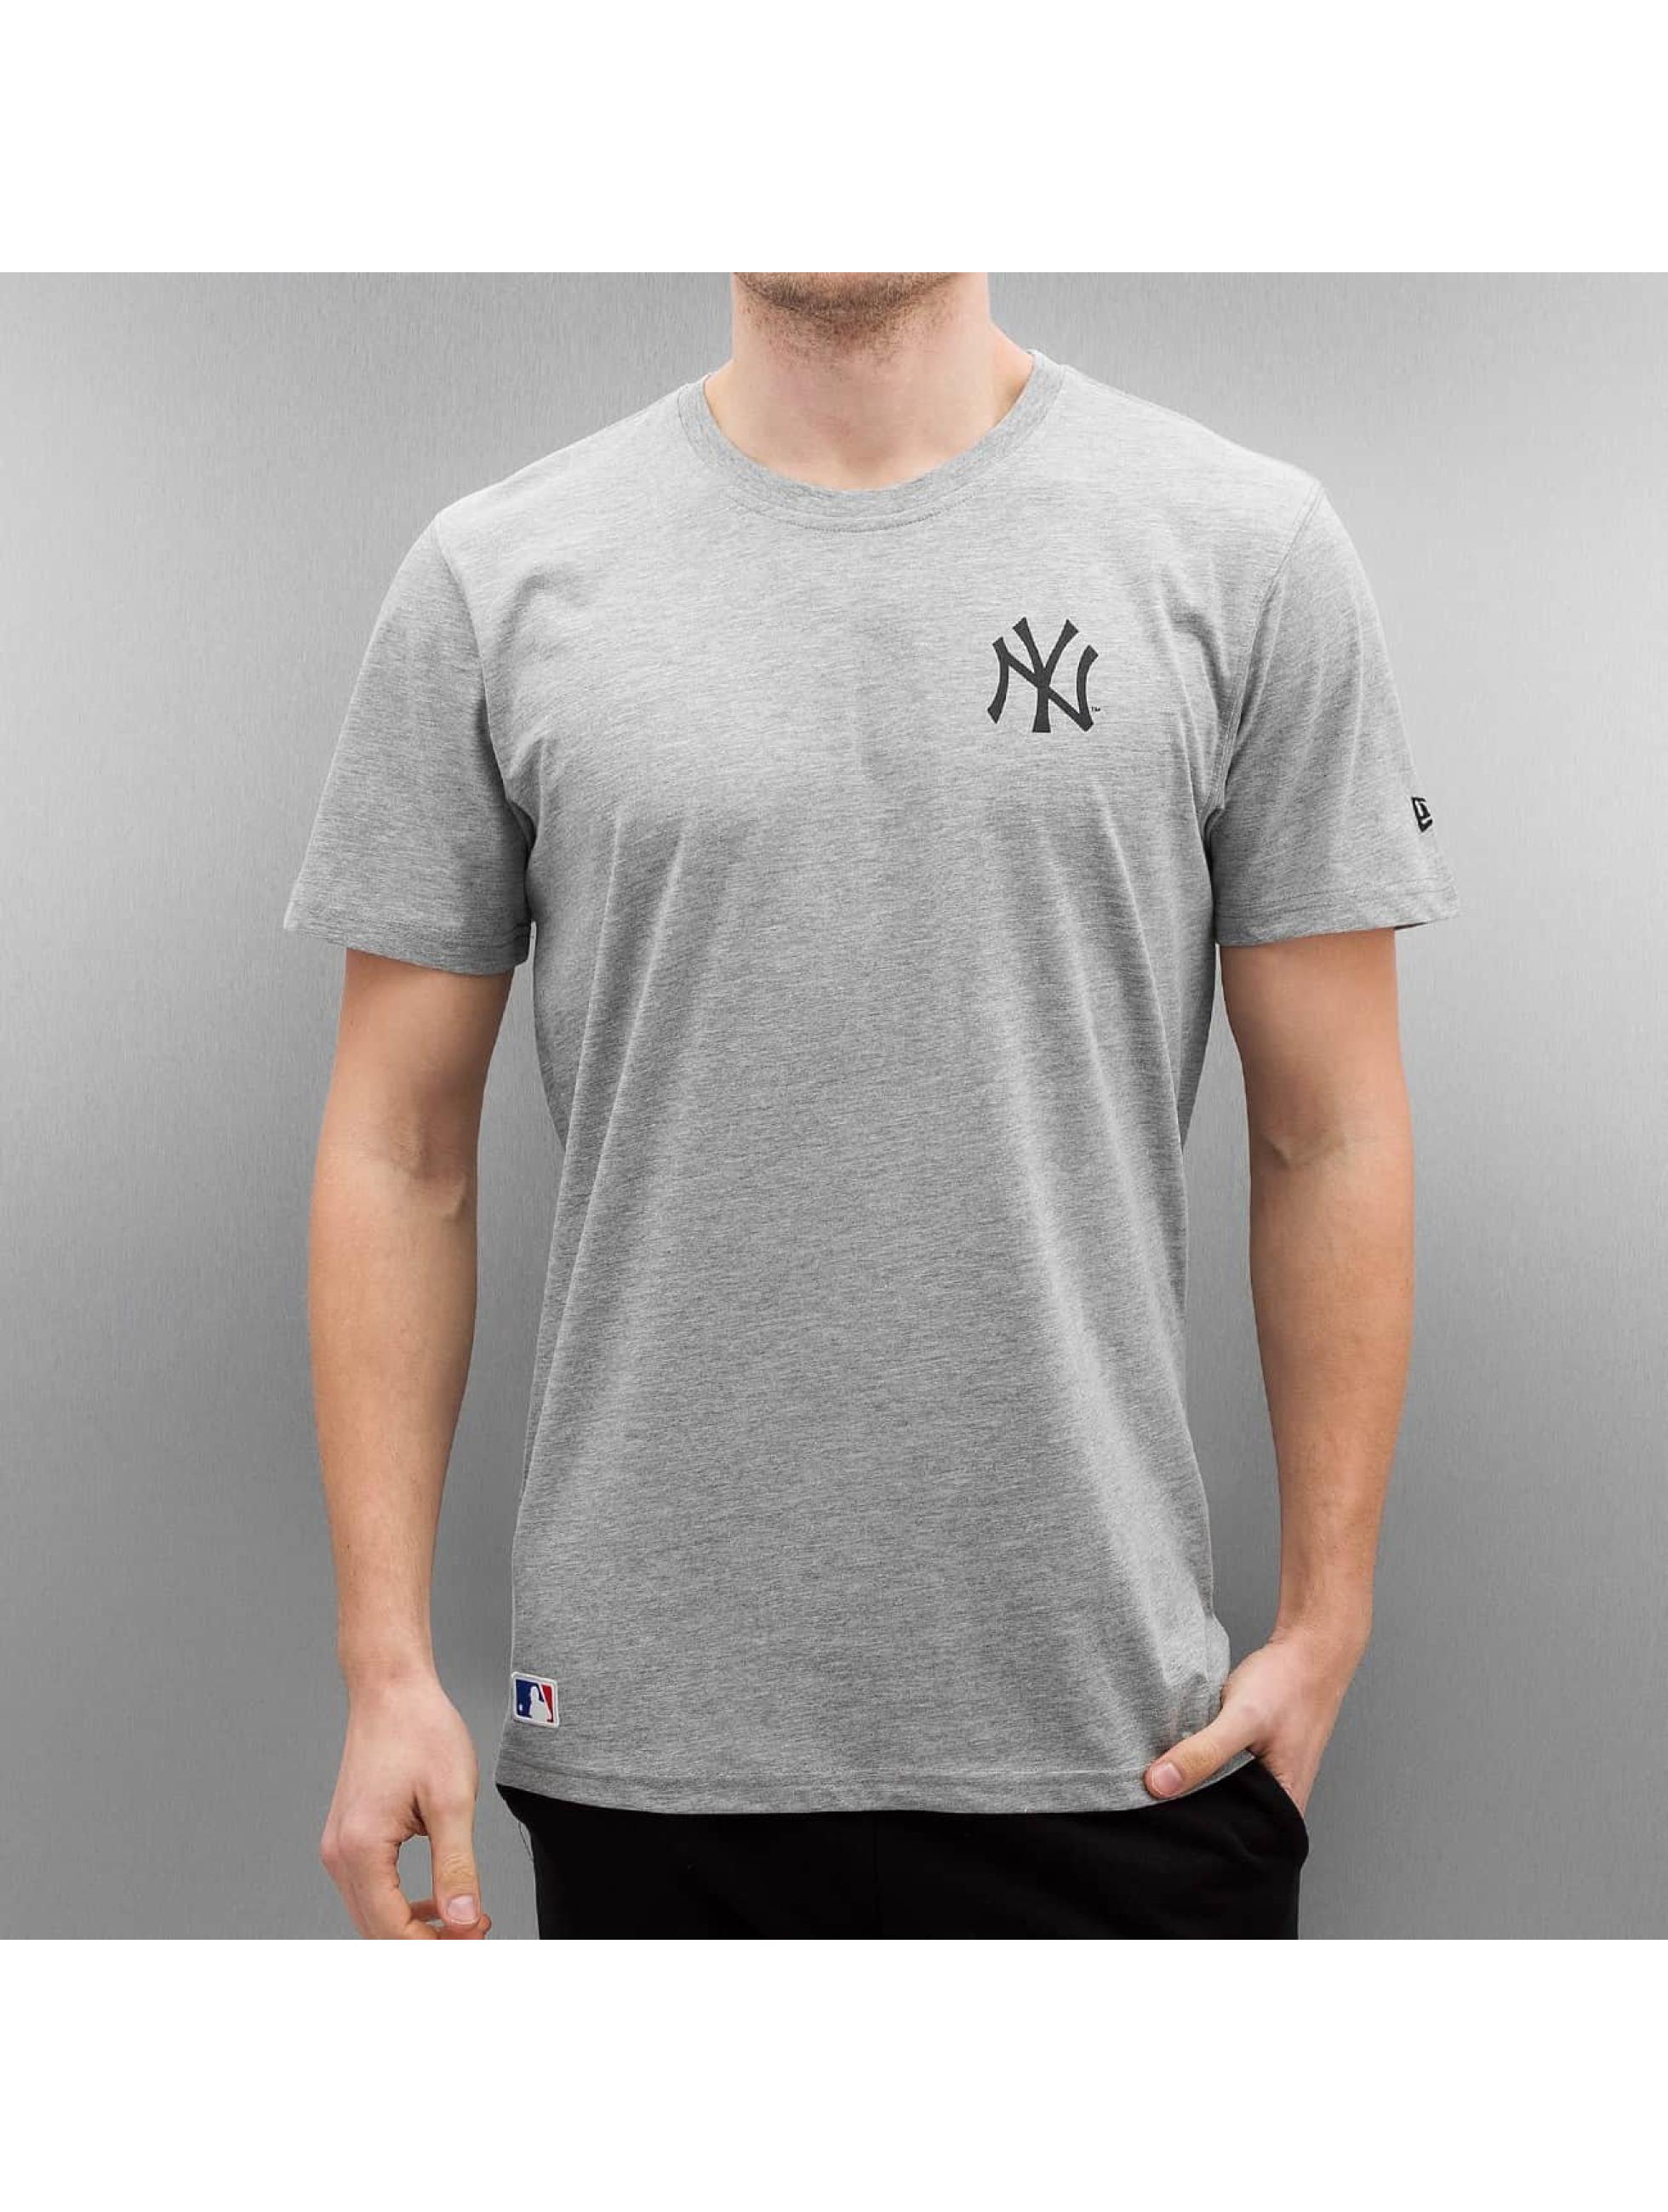 New-Era-Uomini-Maglieria-T-shirt-Team-Apparel-NY-Yankees